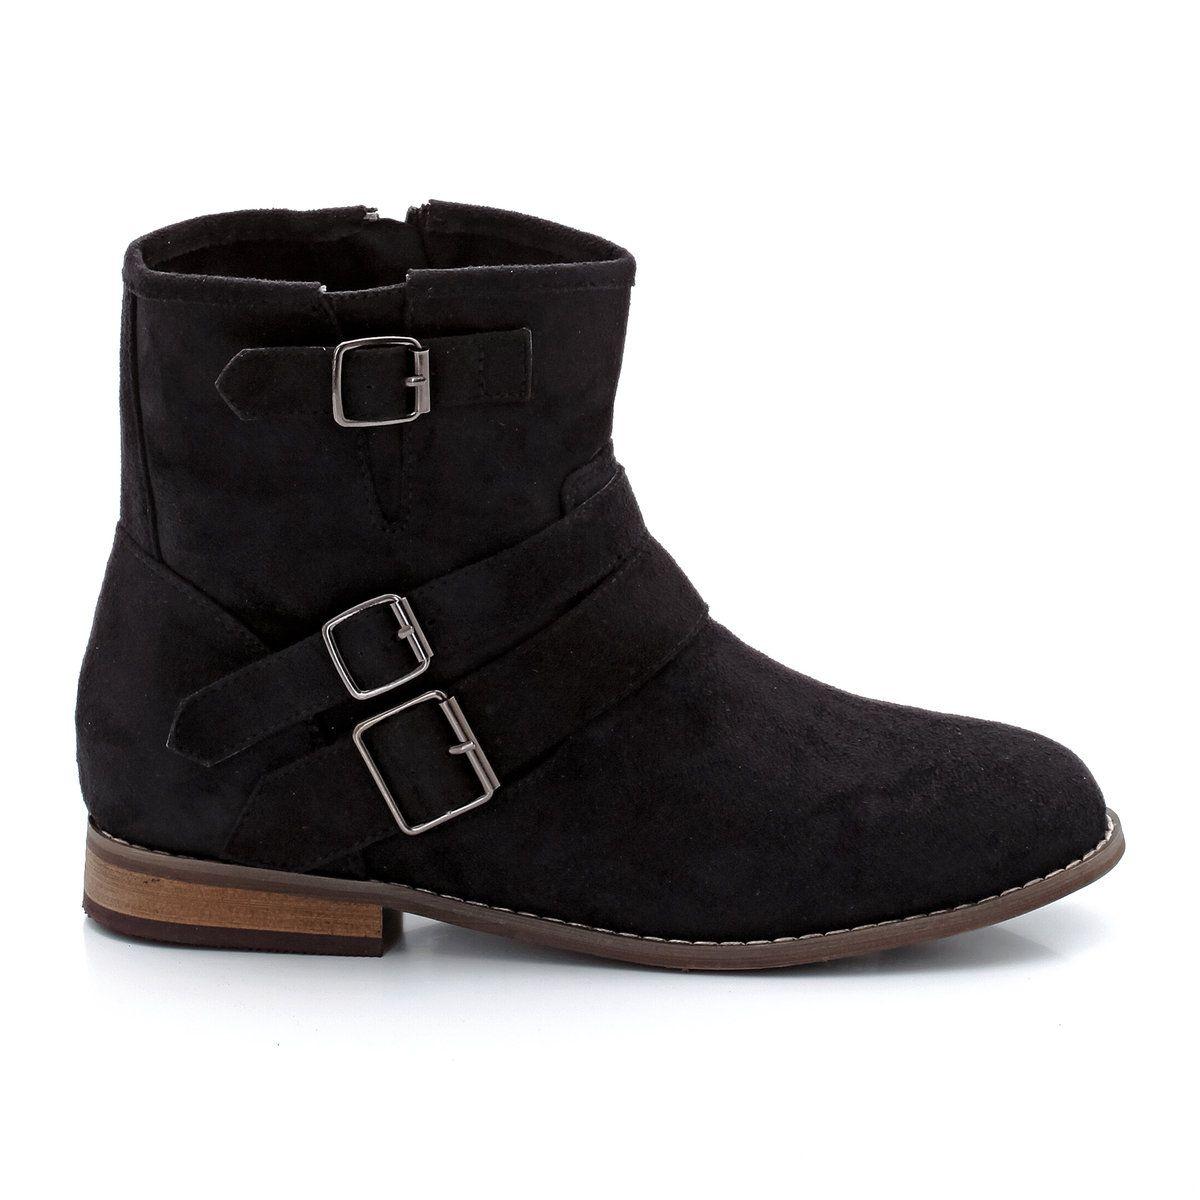 Boots zippées à boucles fantaisie